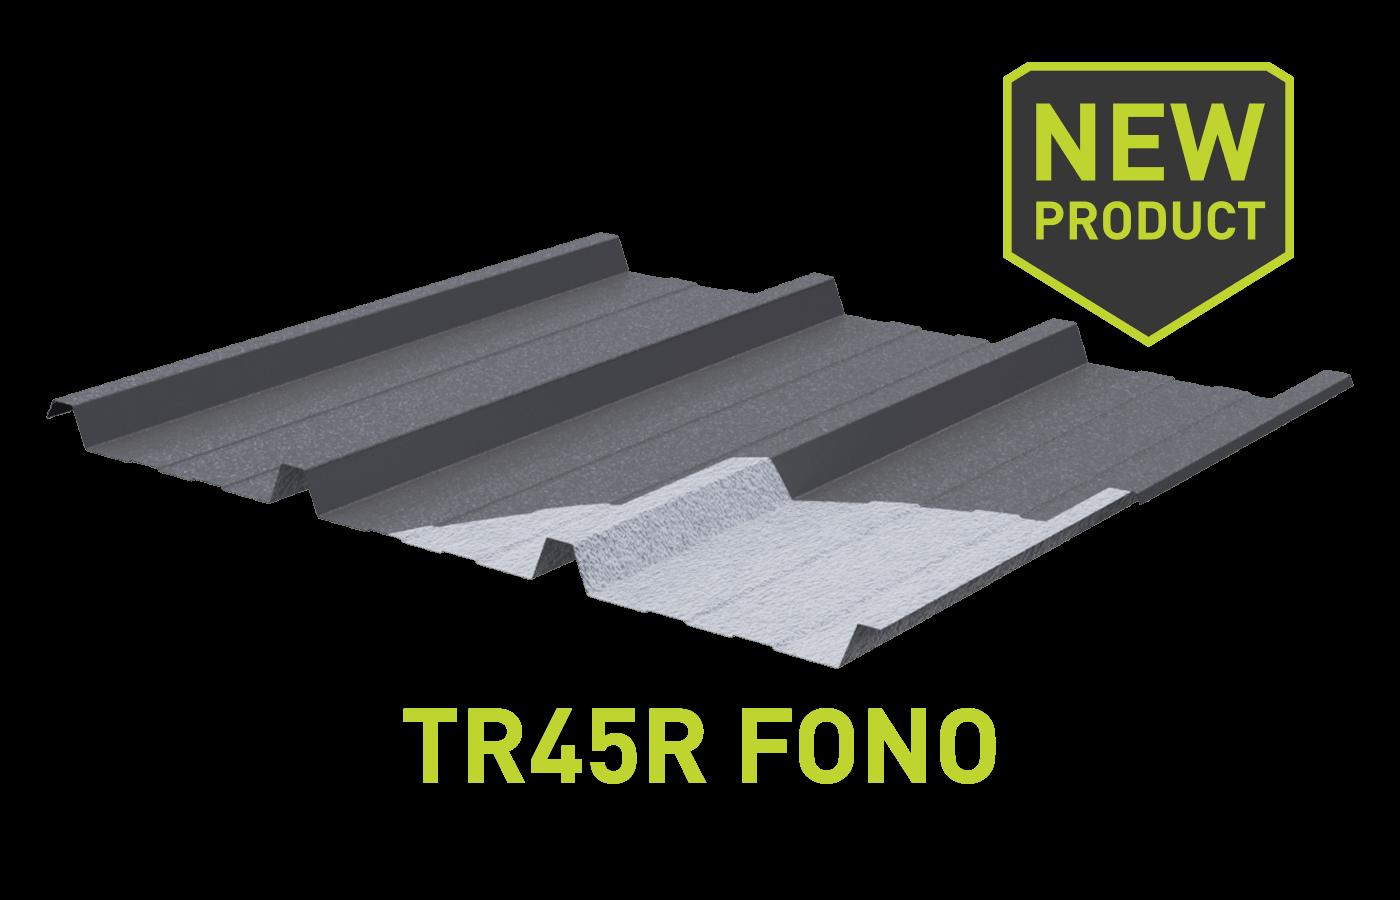 Metigla TR45R FONO